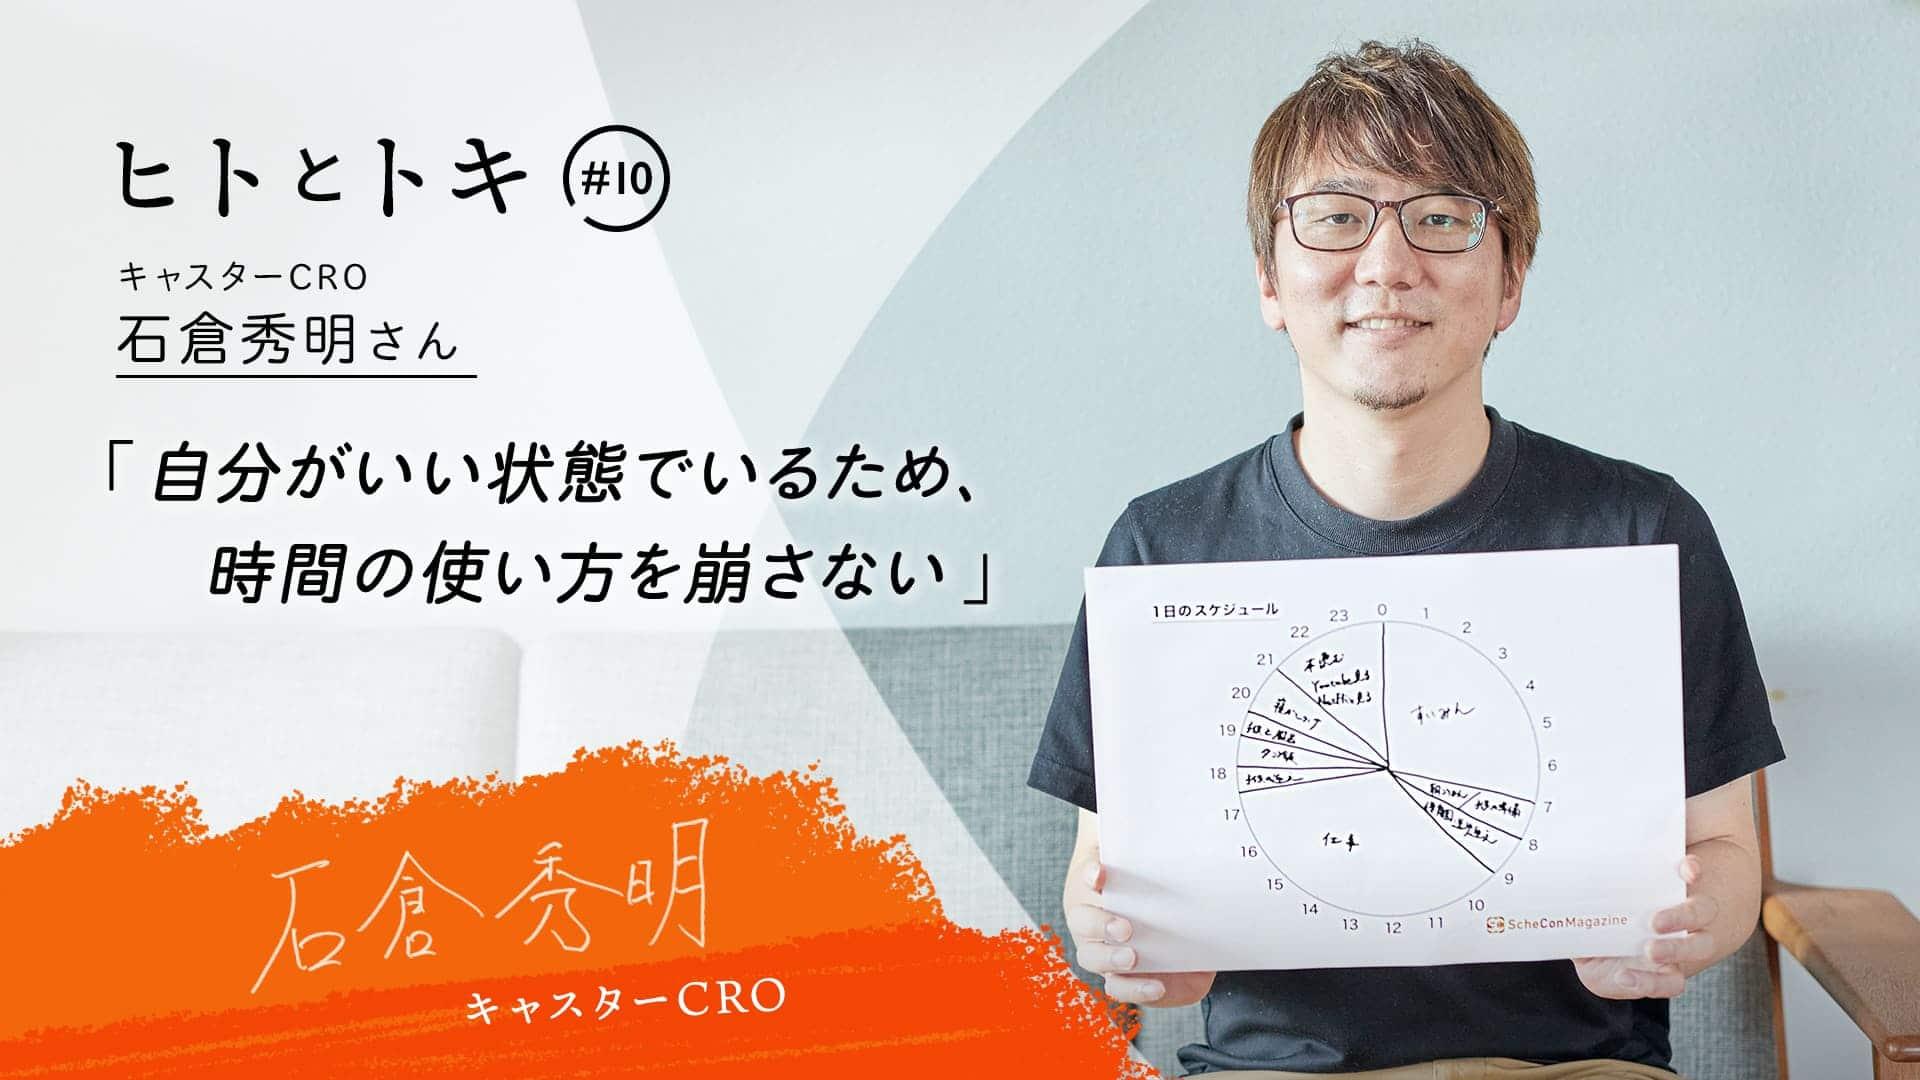 【ヒトとトキ♯10】キャスターCRO・石倉秀明さん「自分がいい状態でいるため、時間の使い方を崩さない」